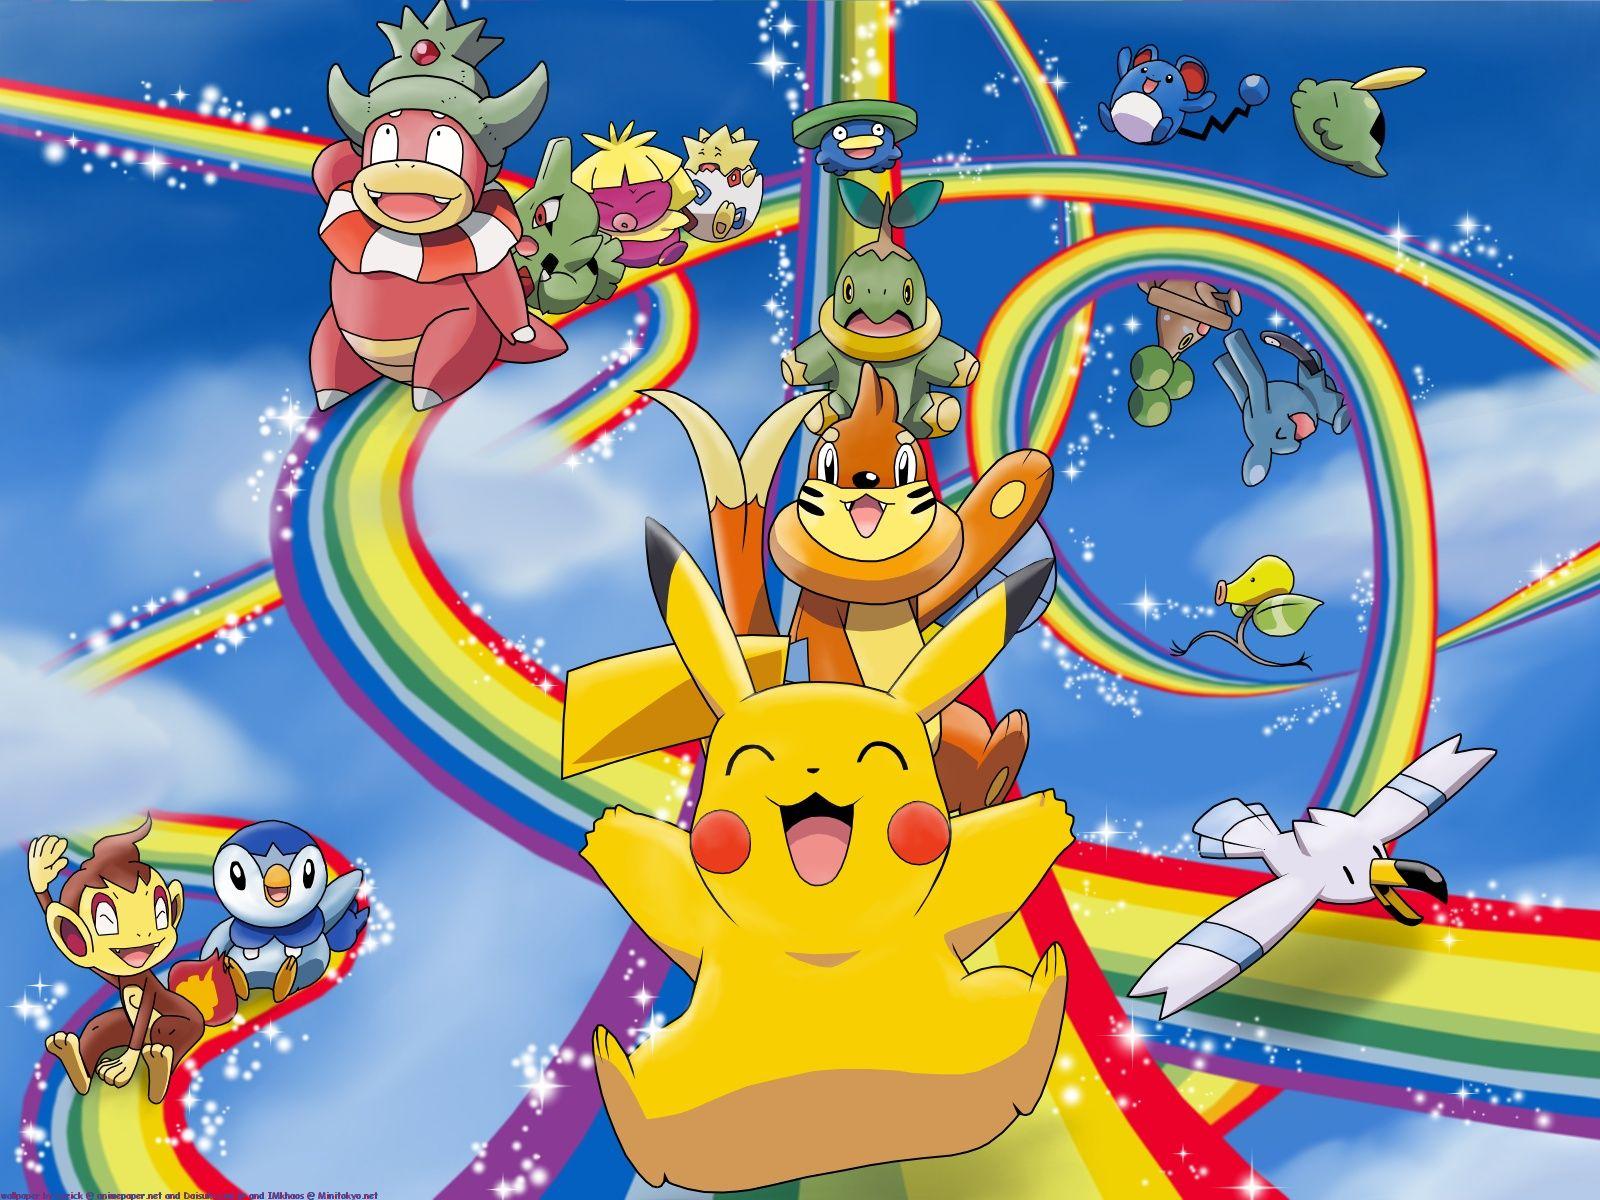 Pokemon Hd Wallpaper Cute Pokemon Pokemon Cute anime pokemon wallpaper